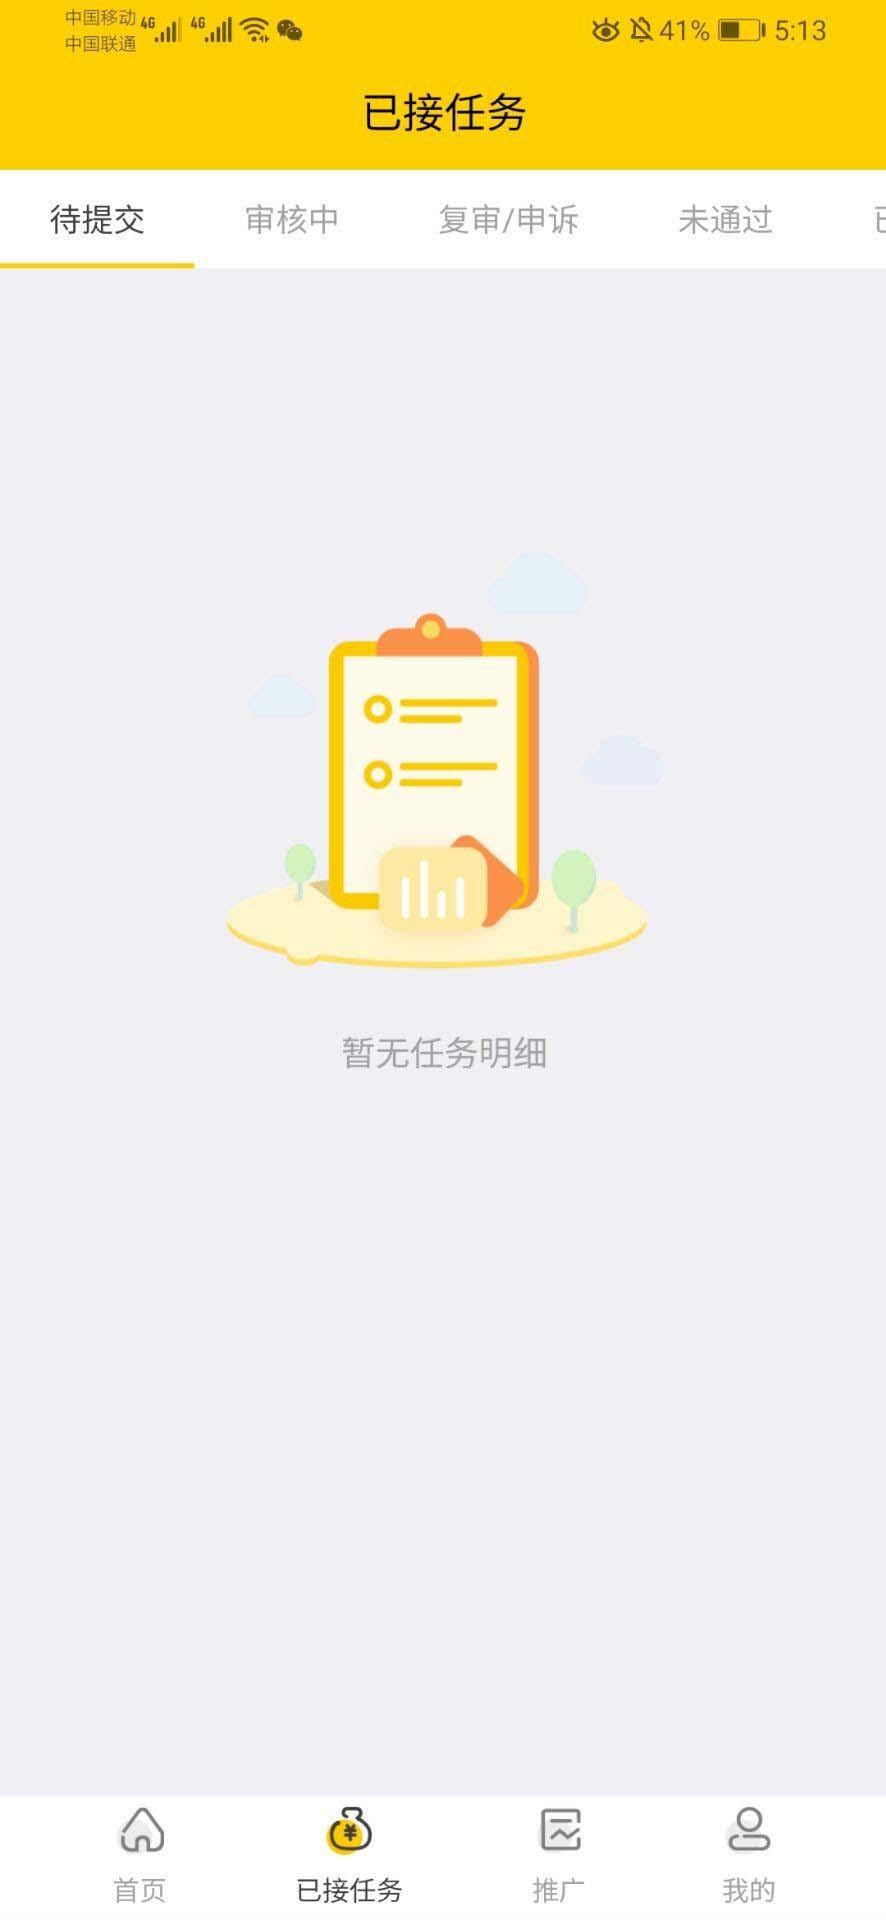 6月新版悬赏猫源码仿似度97%+可打包APP+详细视频搭建教程